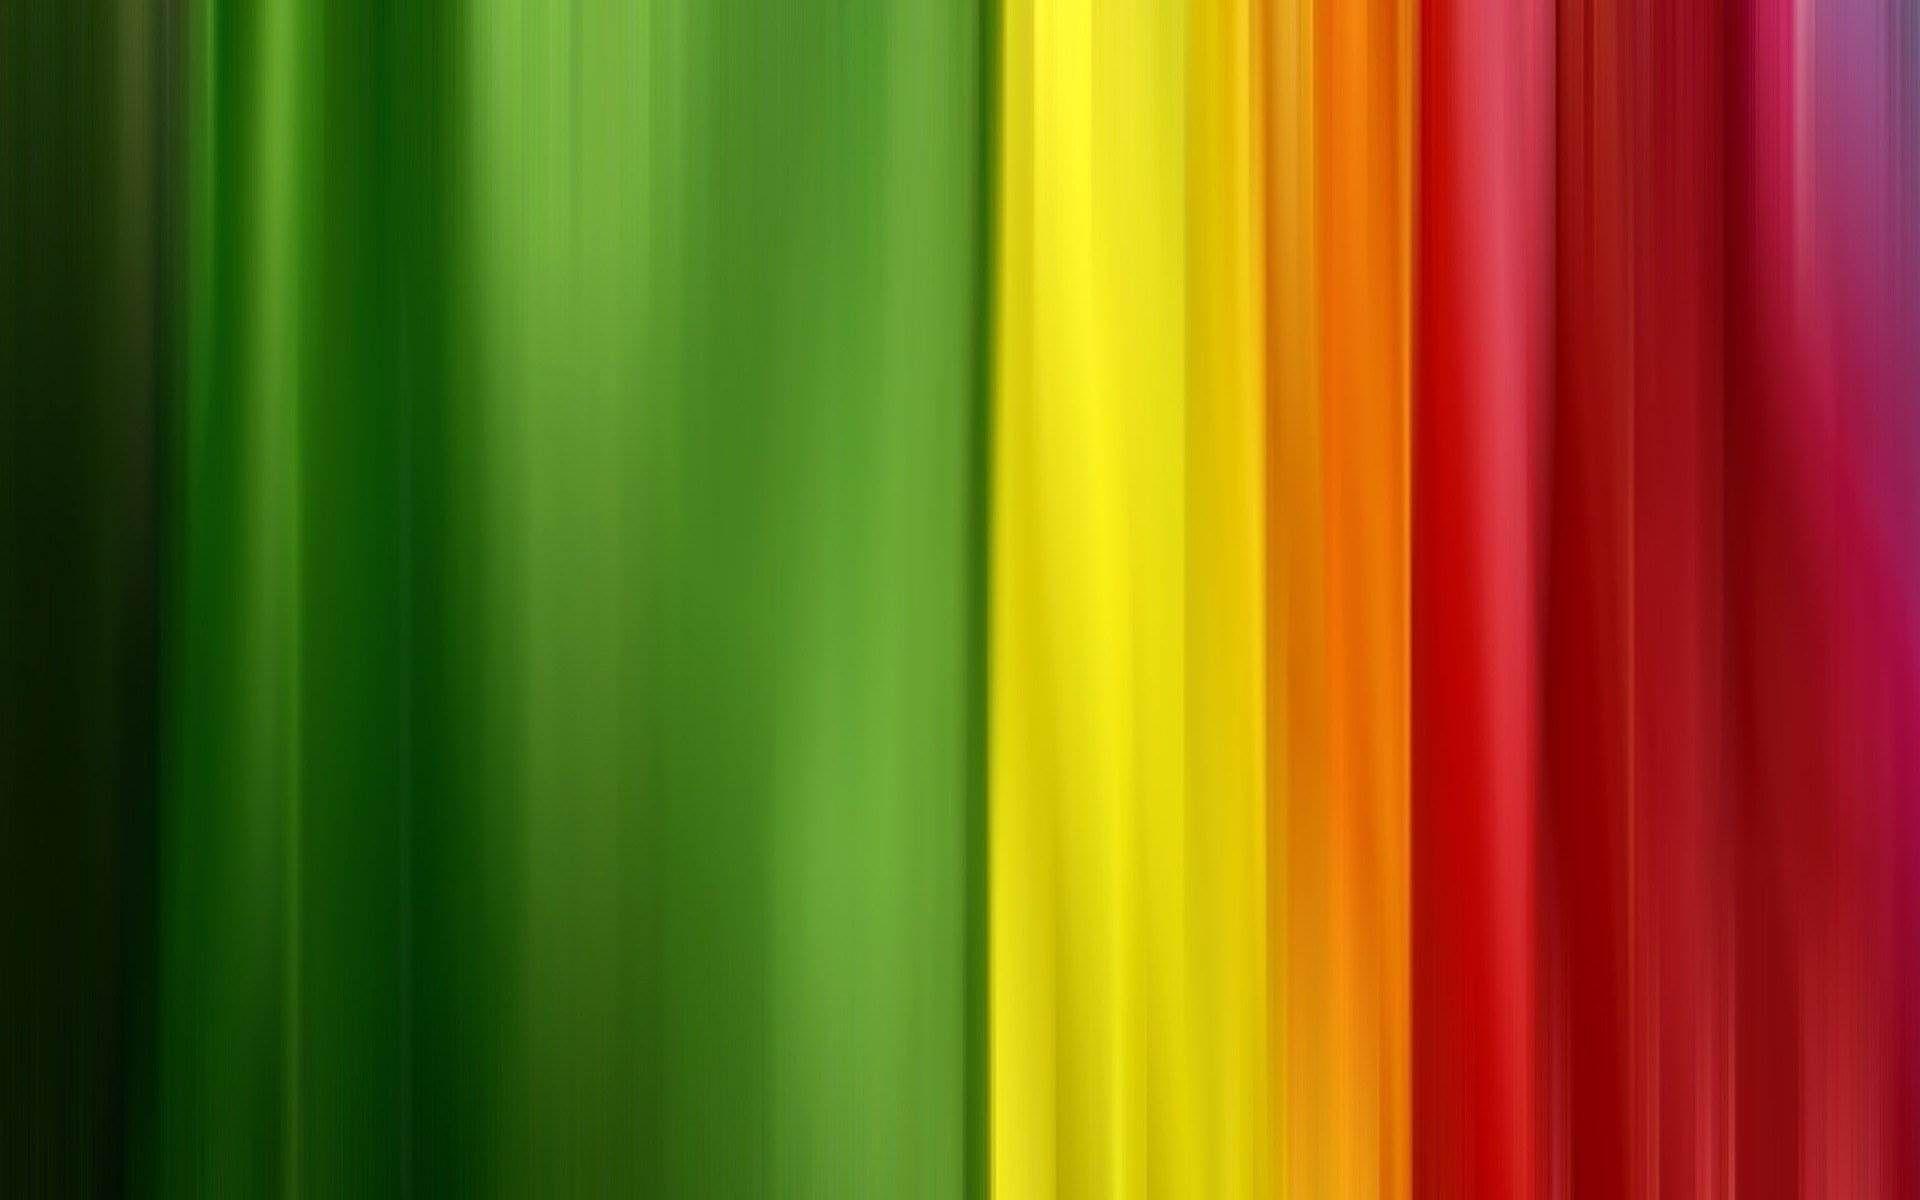 Rasta Color Backgrounds Wallpaper 1920 1080 Reggae Wallpaper Adorable Wallpapers Live Wallpapers Wallpaper Reggae